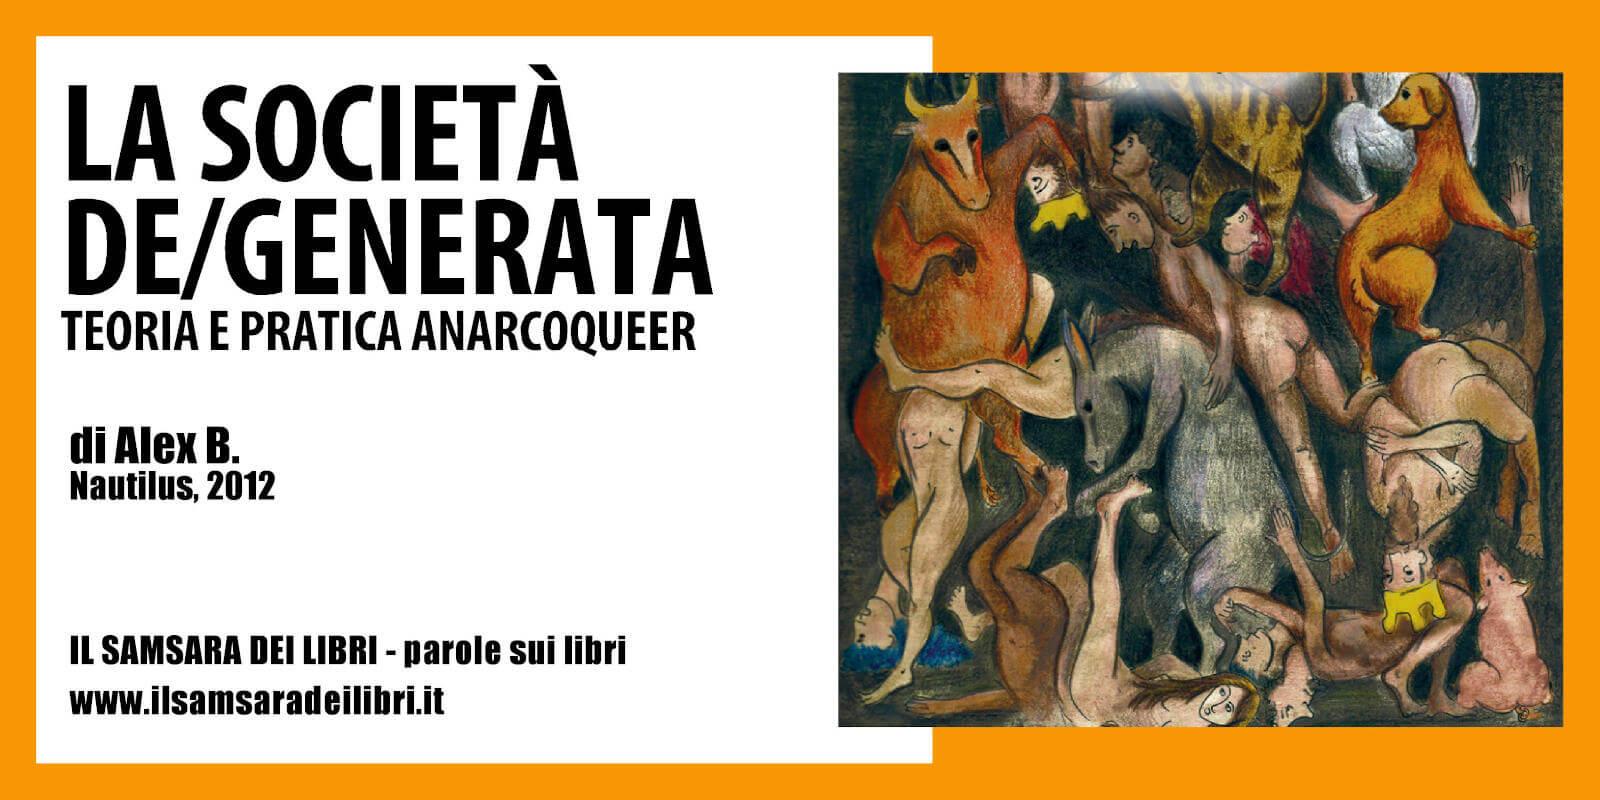 Immagine copertina libro La società de/generata